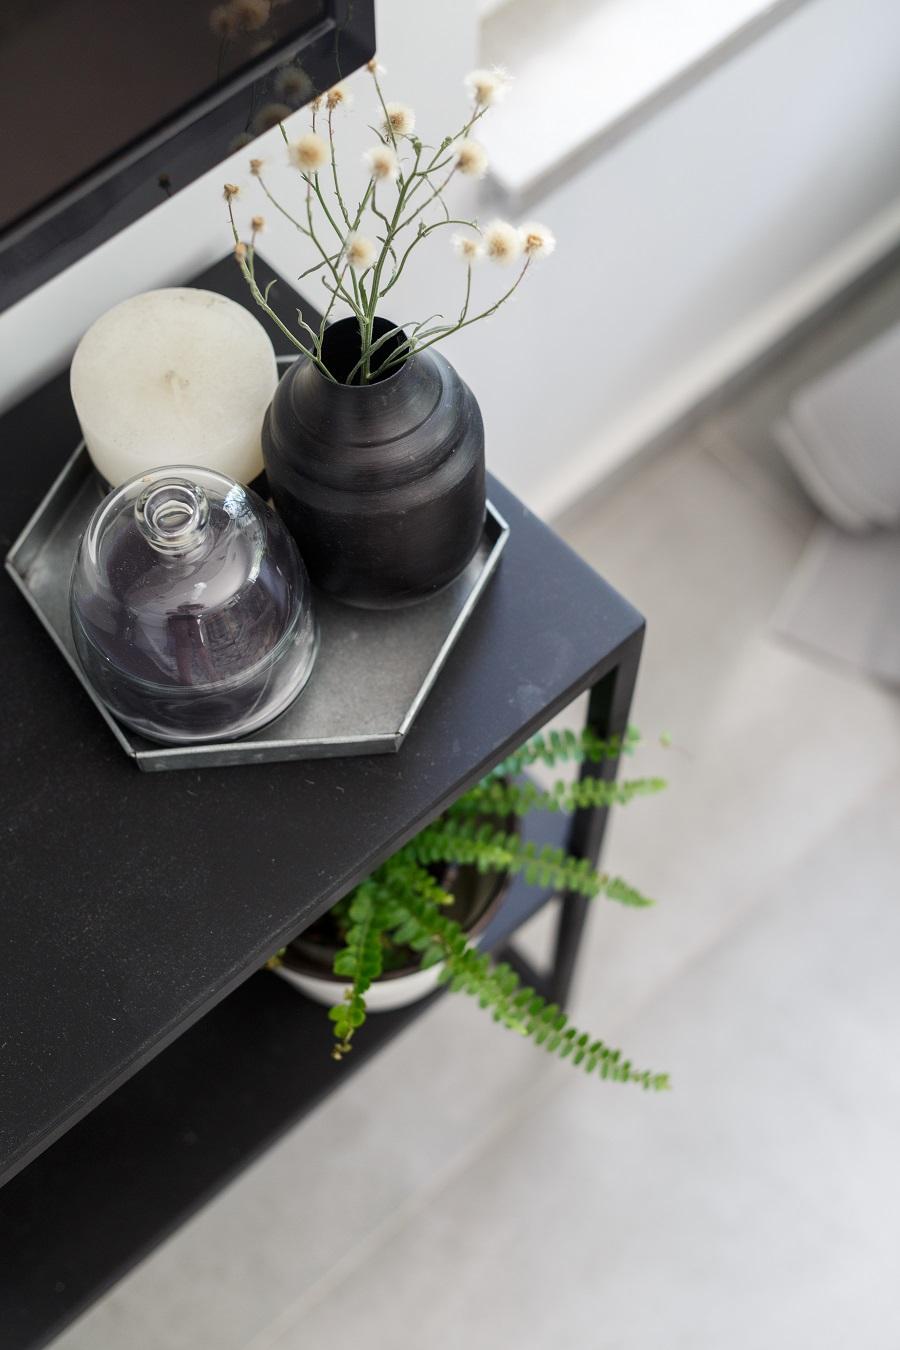 עיצוב: מירית פיש | צילום: אורית ארנוןעיצוב: מירית פיש | צילום: אורית ארנון